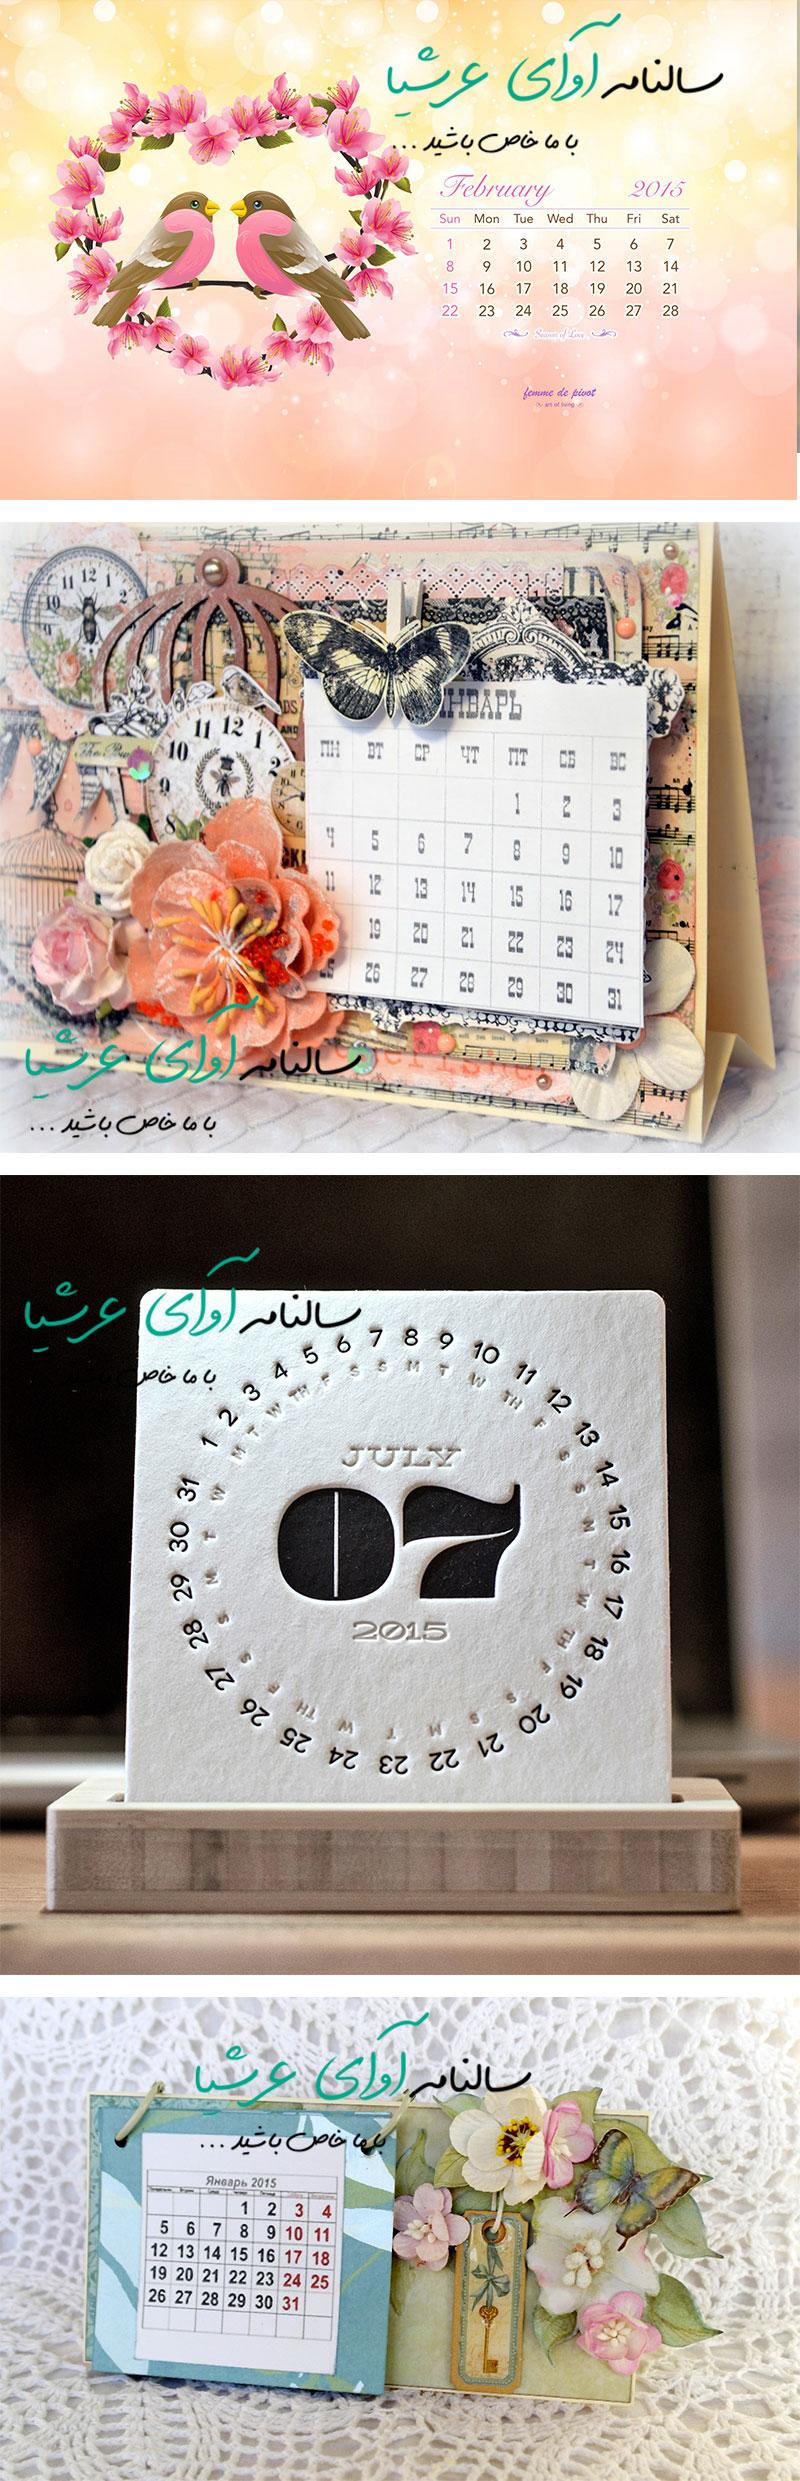 خرید تقویم رومیزی فانتزی 1400 آوای عرشیا